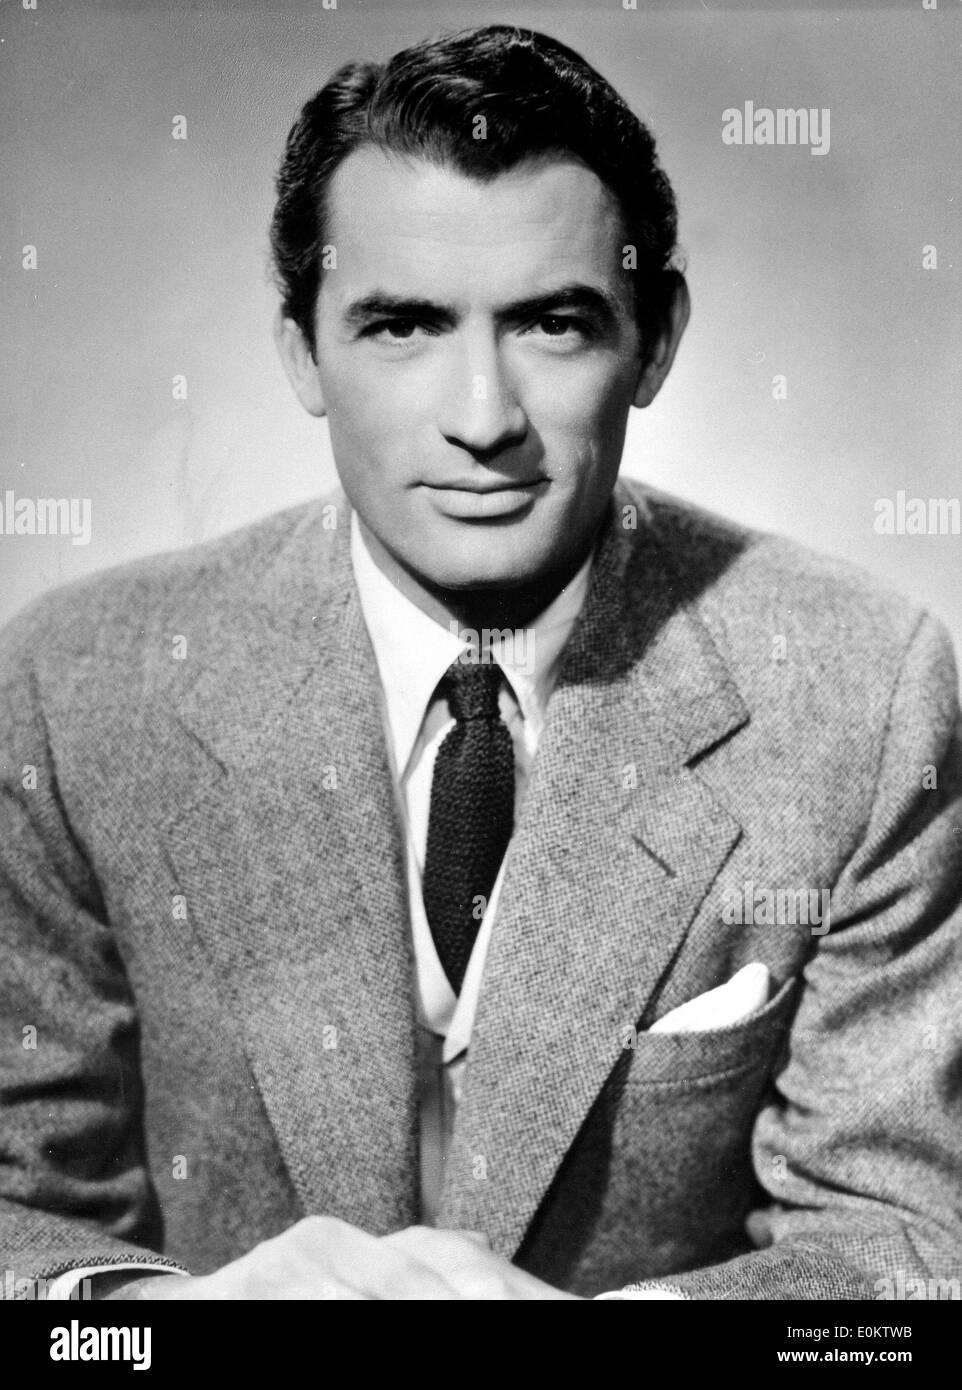 Portrait de l'acteur Gregory Peck Banque D'Images